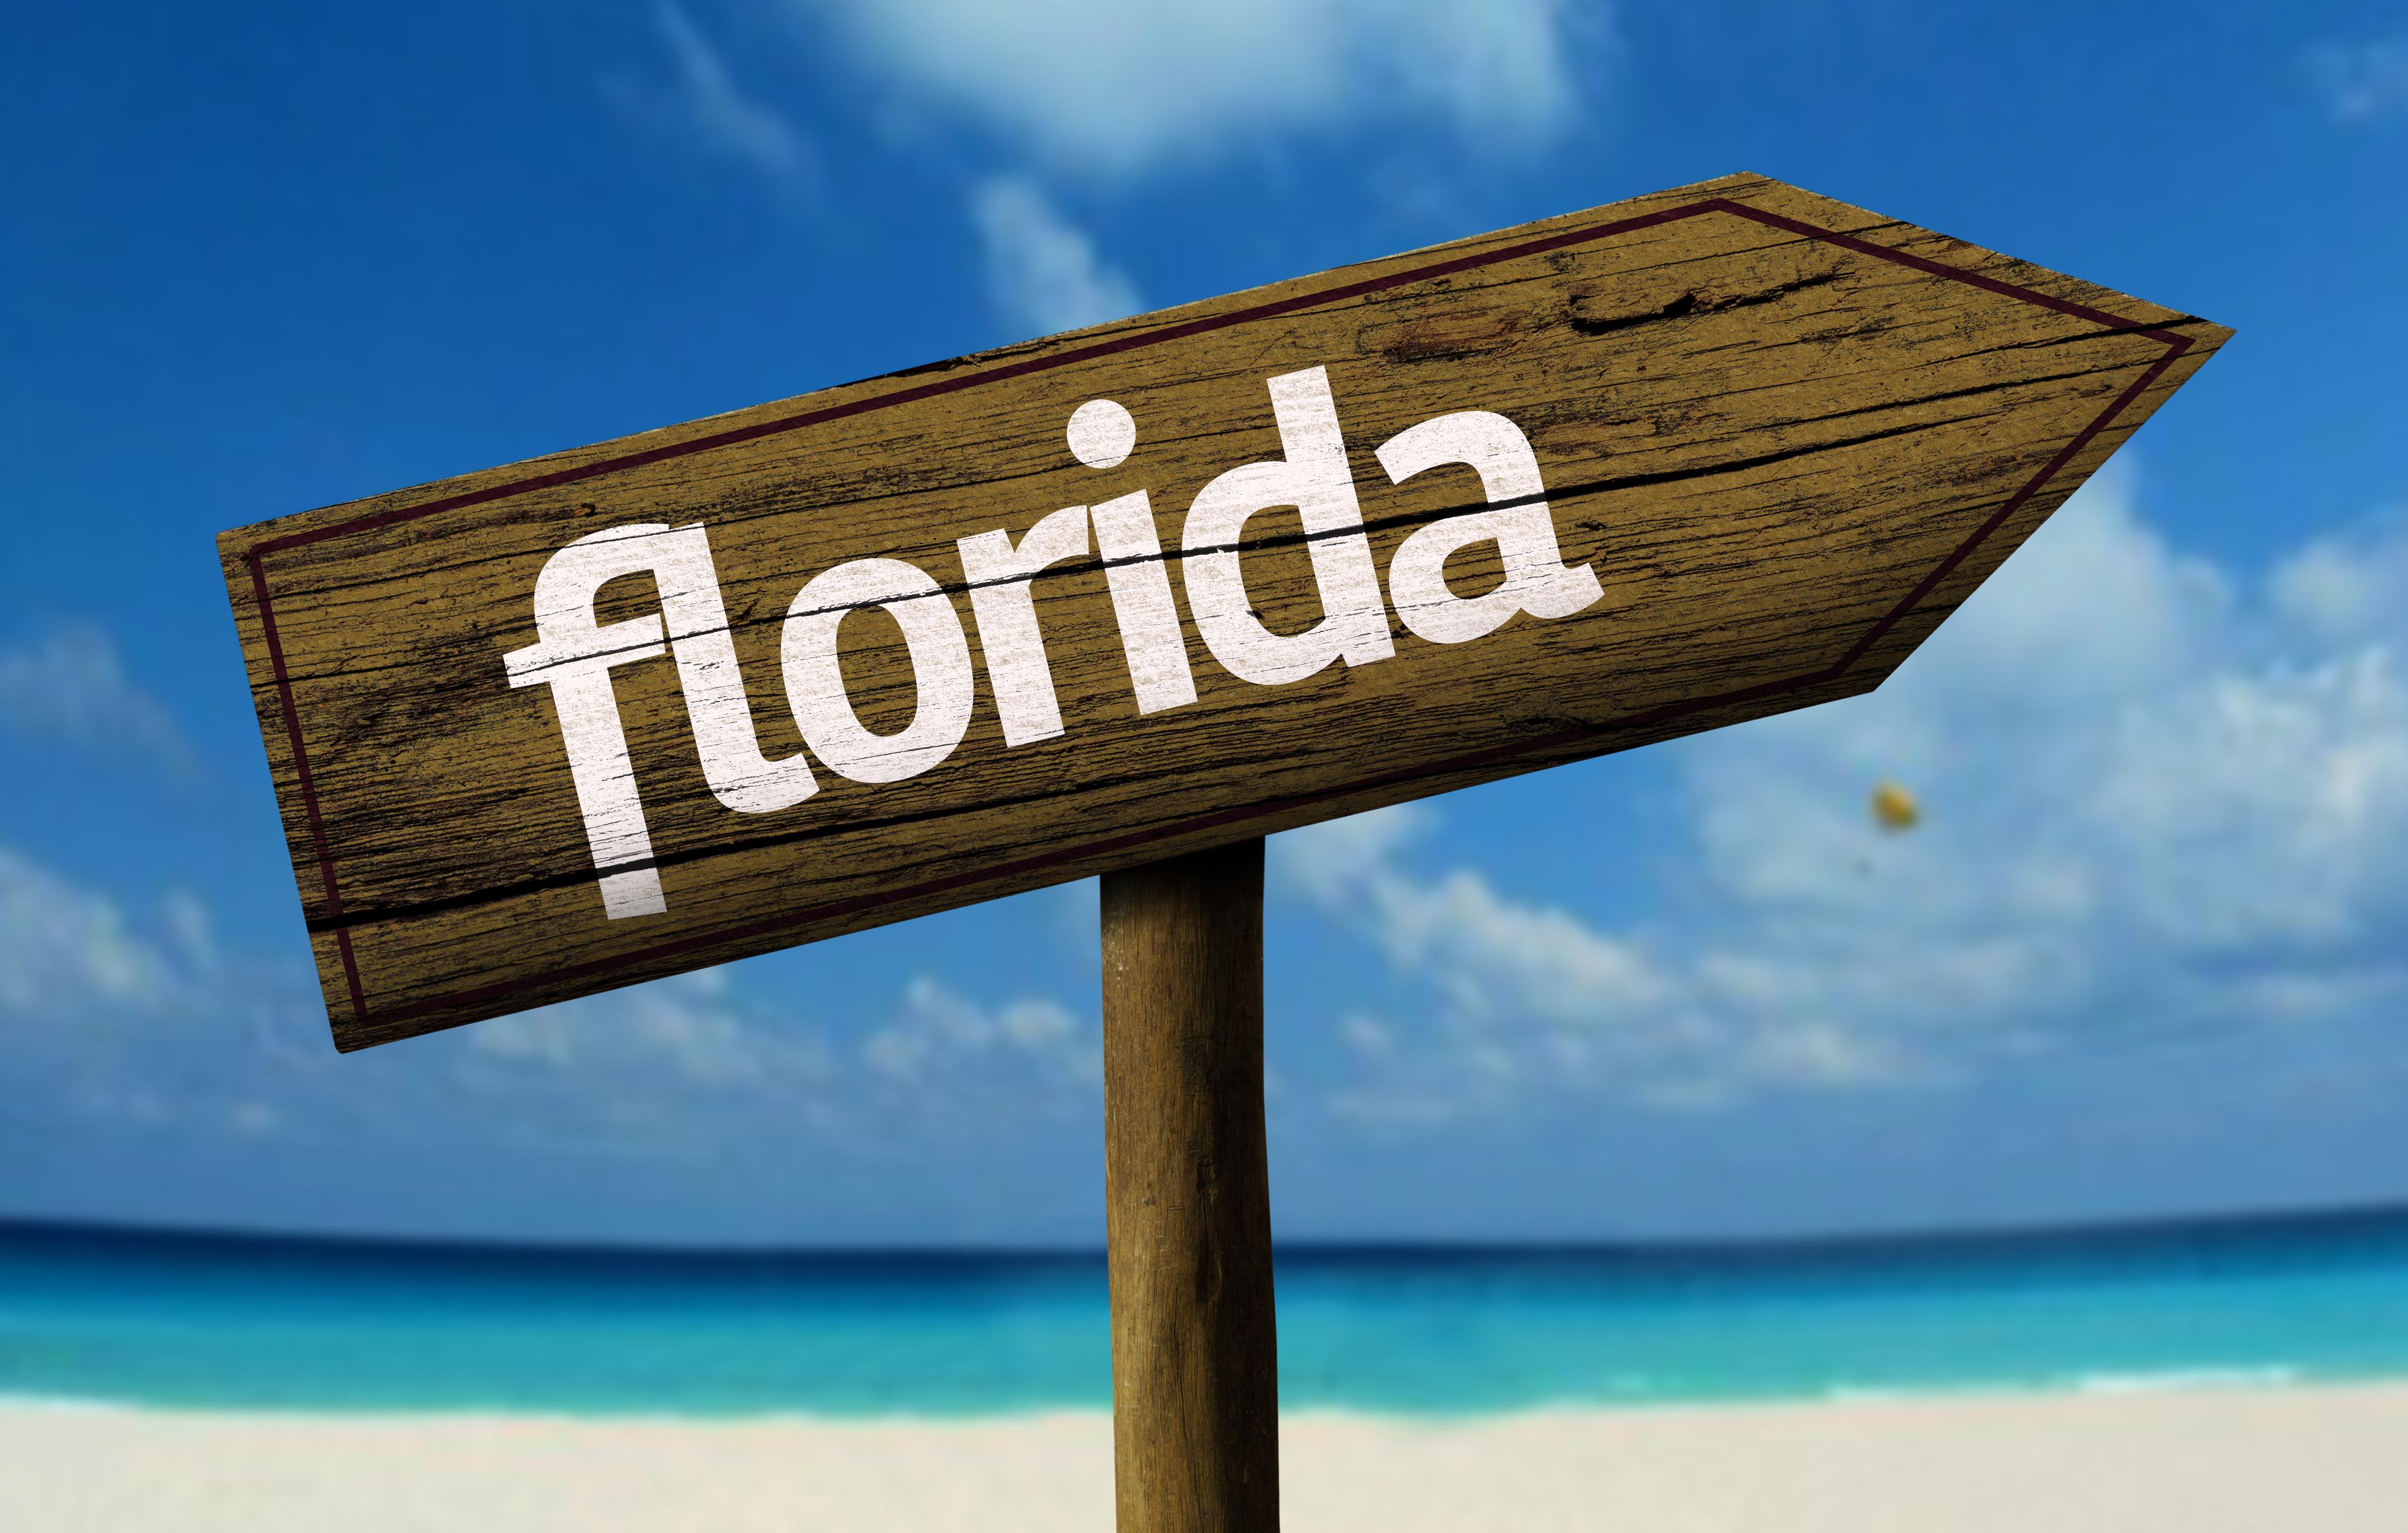 A economia da Flórida já é a 17ª maior do Mundo com taxa de desemprego menor do que a média nacional.